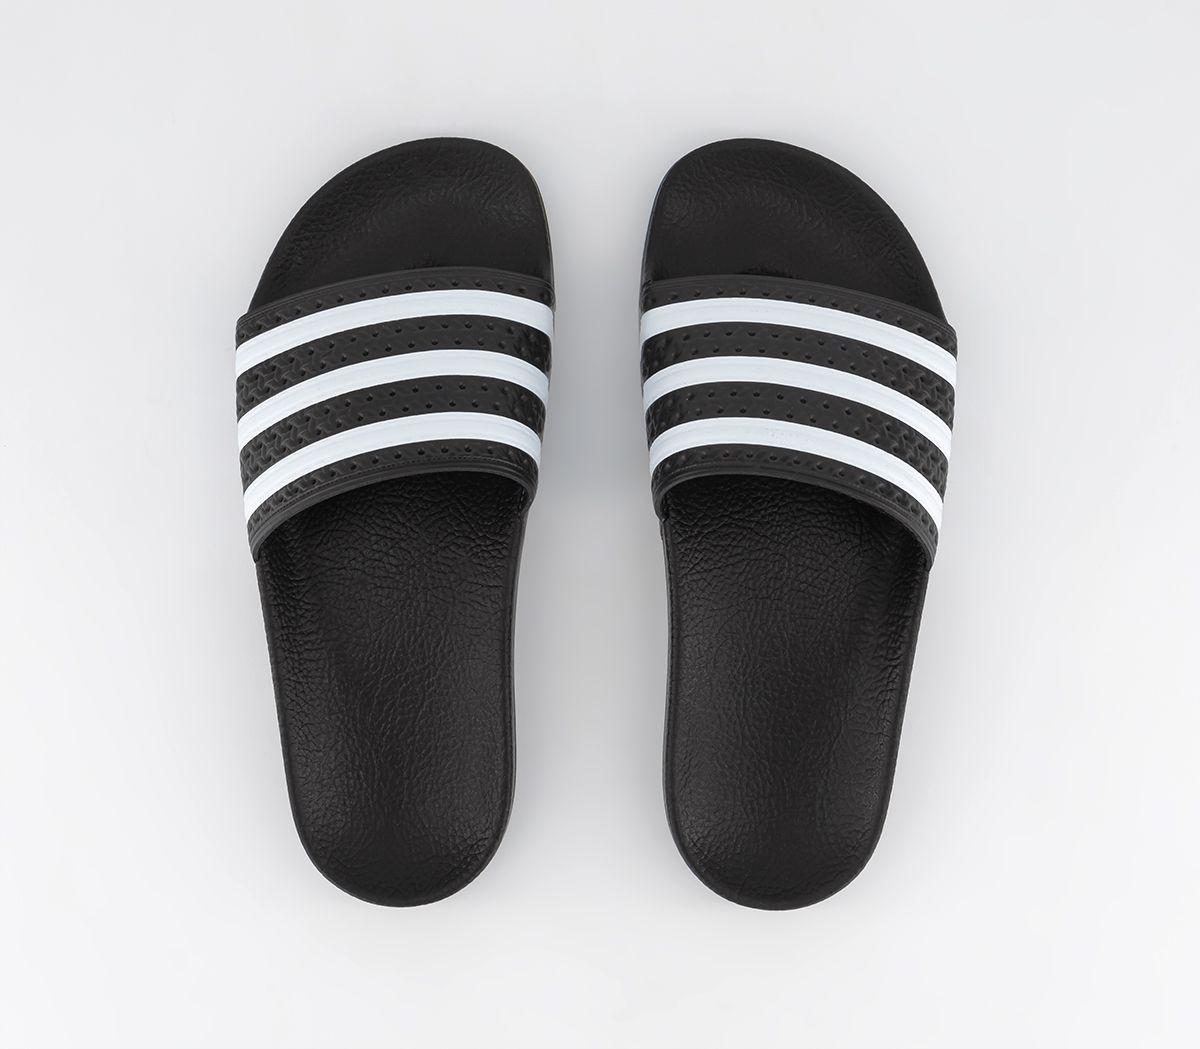 5a3e77d8e adidas Adilette Sliders Black White - Office Girl